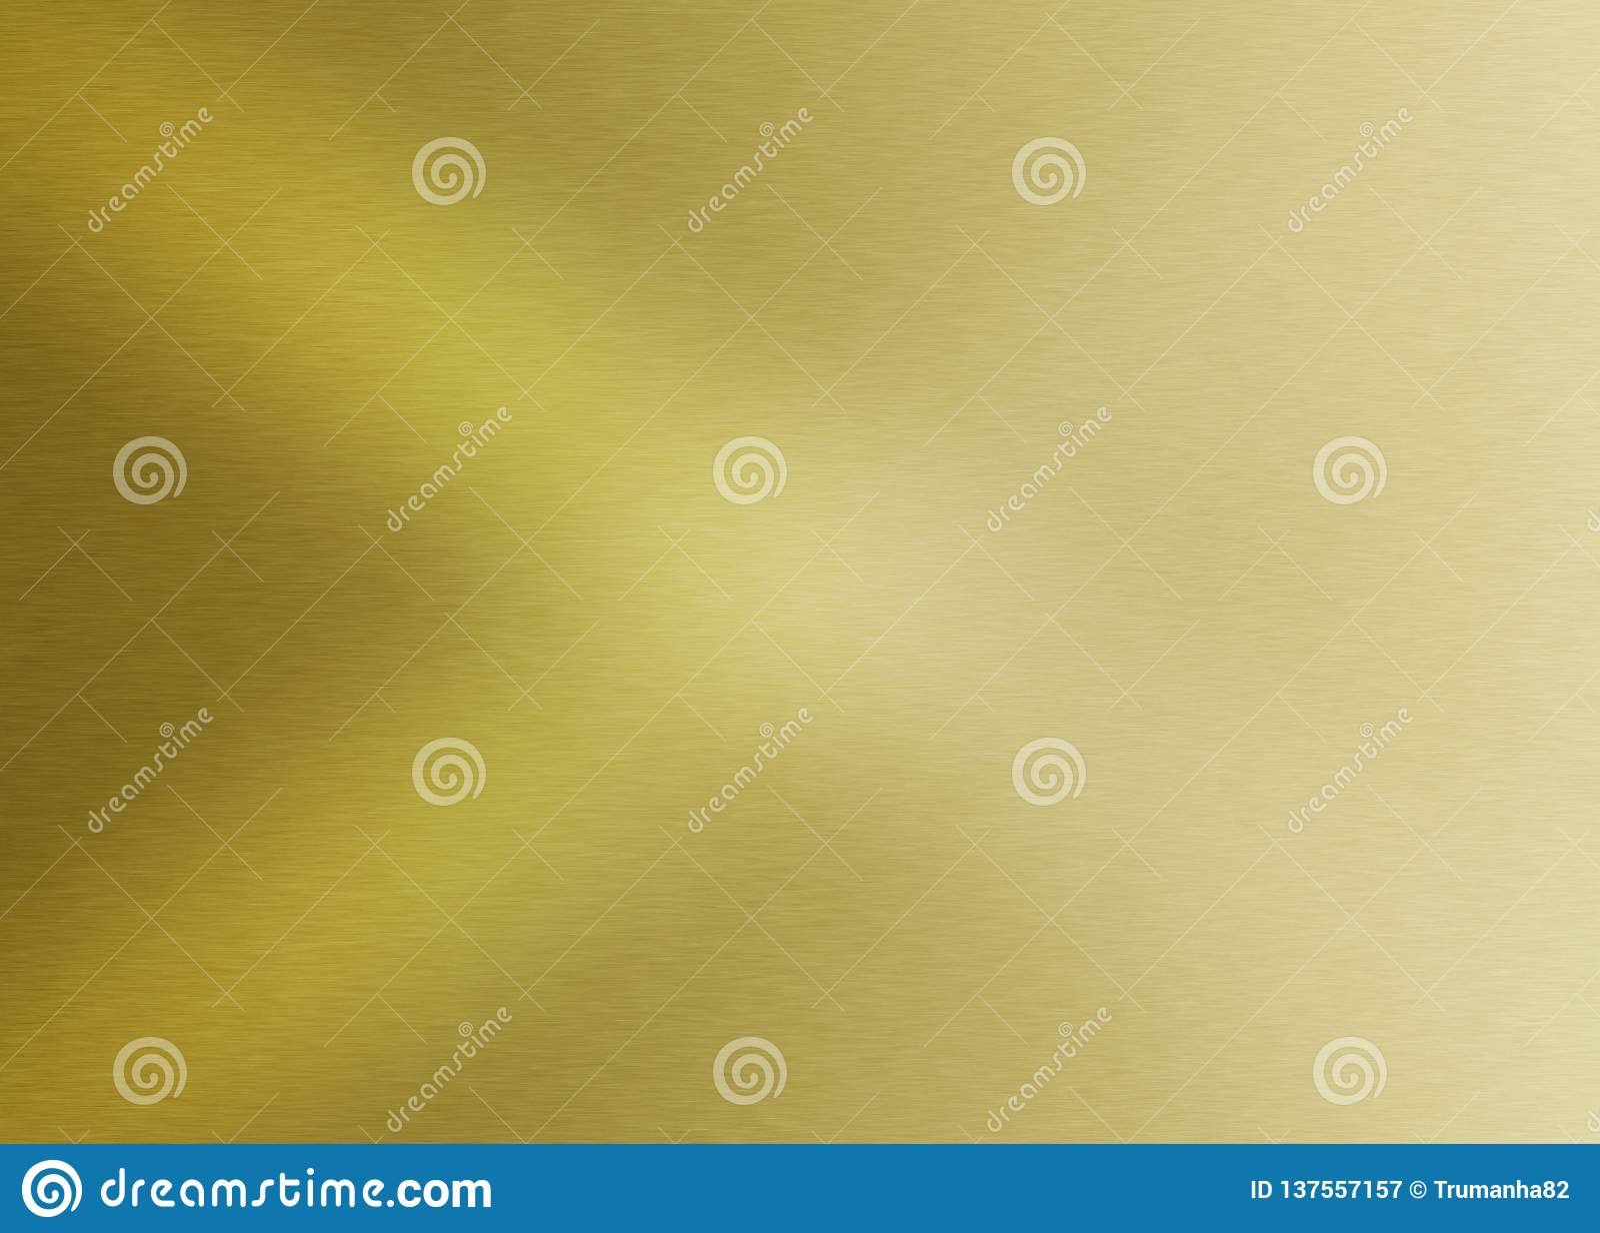 Glänzende gebürstete goldene Metalloberfläche Gradated für abstrakten Hintergrund